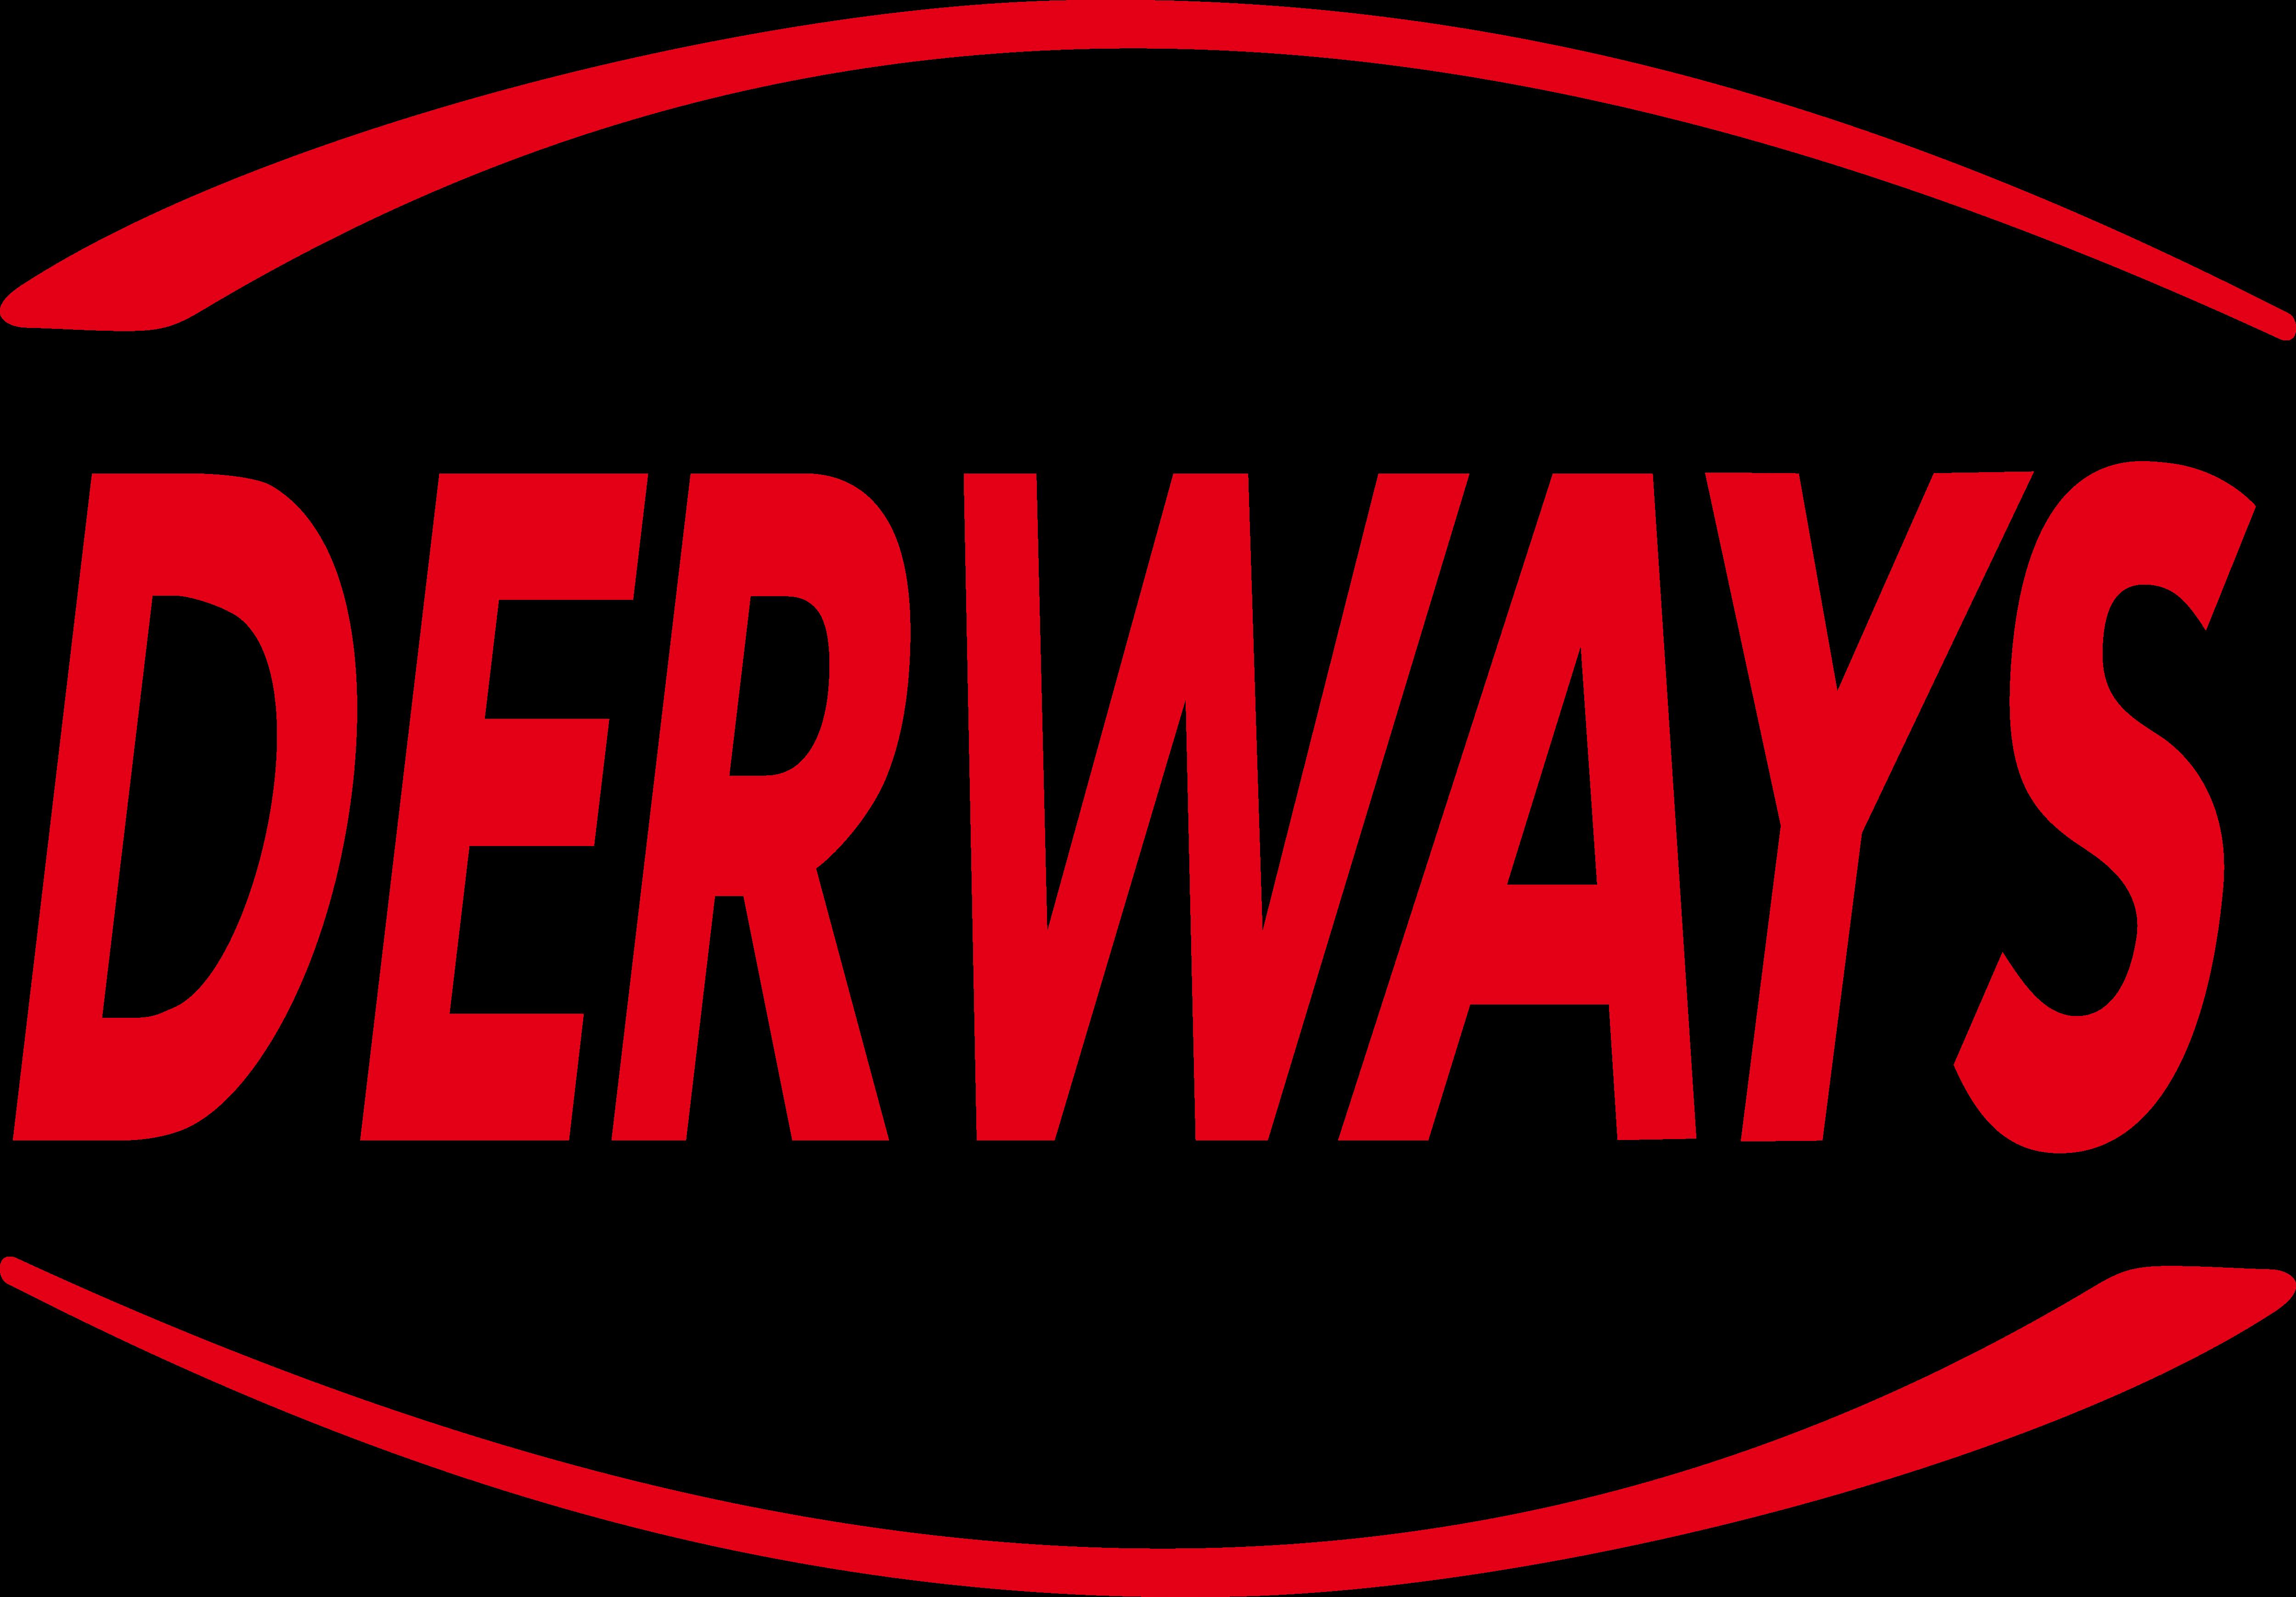 Derways Cowboy | 3477x5000